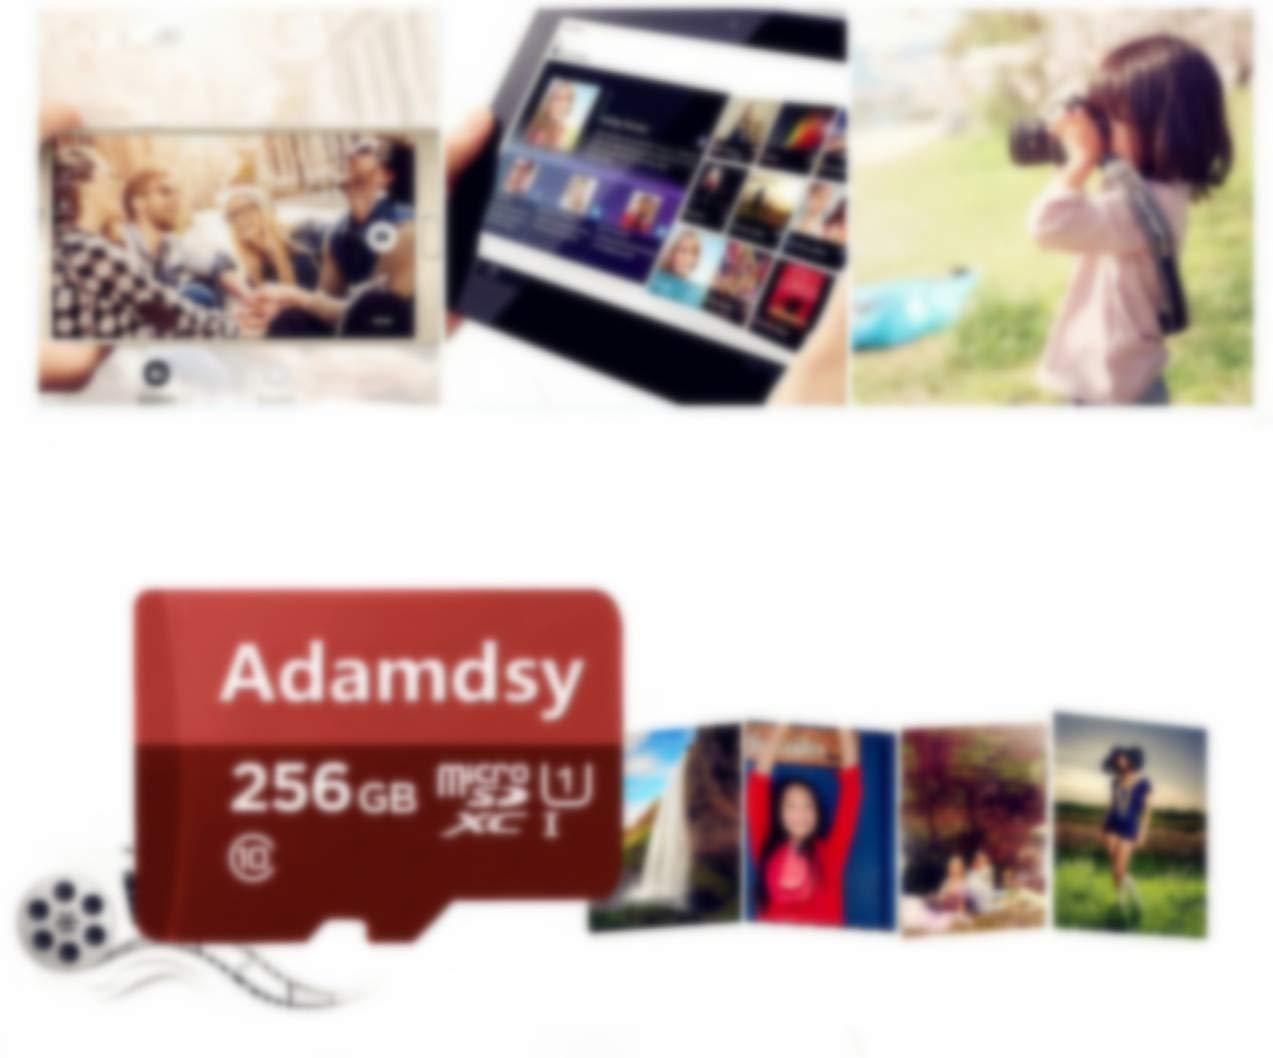 Adamdsy Tarjeta Micro SD 256 GB, microSDXC 256 GB Tarjeta De Memoria + Adaptador SD para cámaras, tabletas y Android Smartphones (K158-DR) (256 GB)